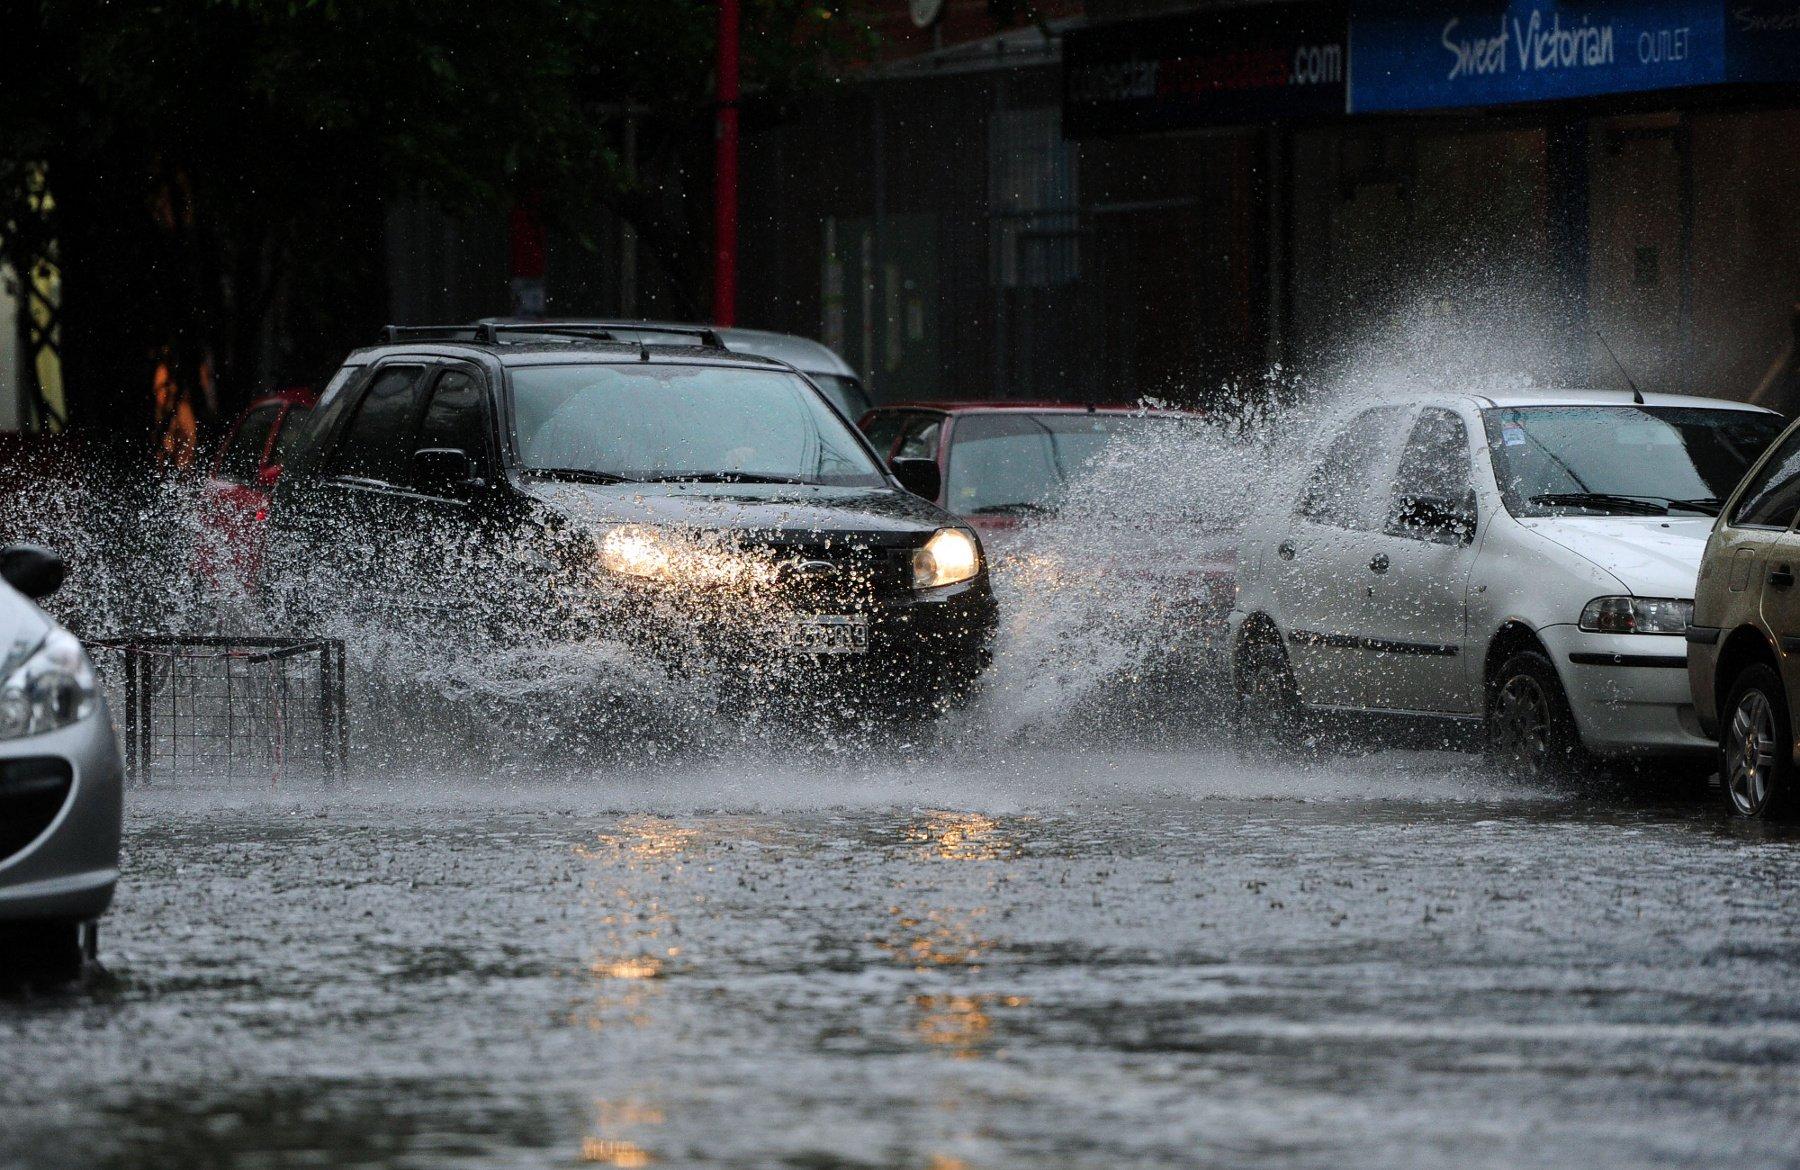 Управление автомобилем в дождь